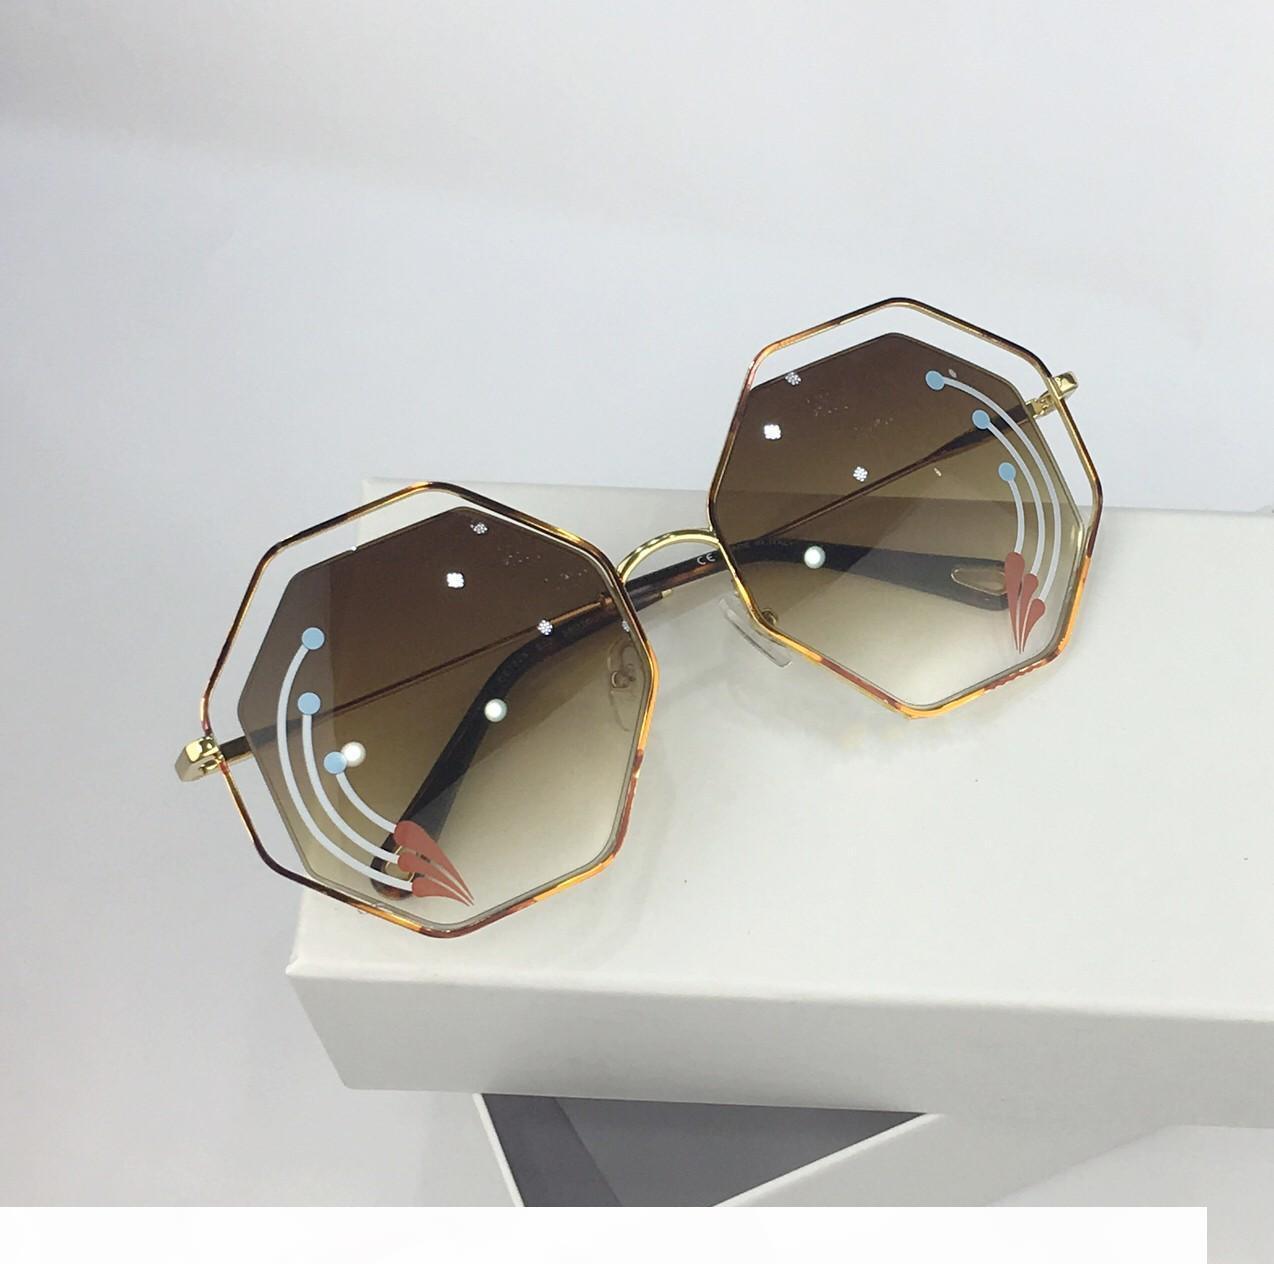 Nuova qualità top 132 delle donne degli occhiali da sole uomini vetri di sole donne occhiali da sole stile di moda protegge gli occhi Occhiali da sole Occhiali da sole con box